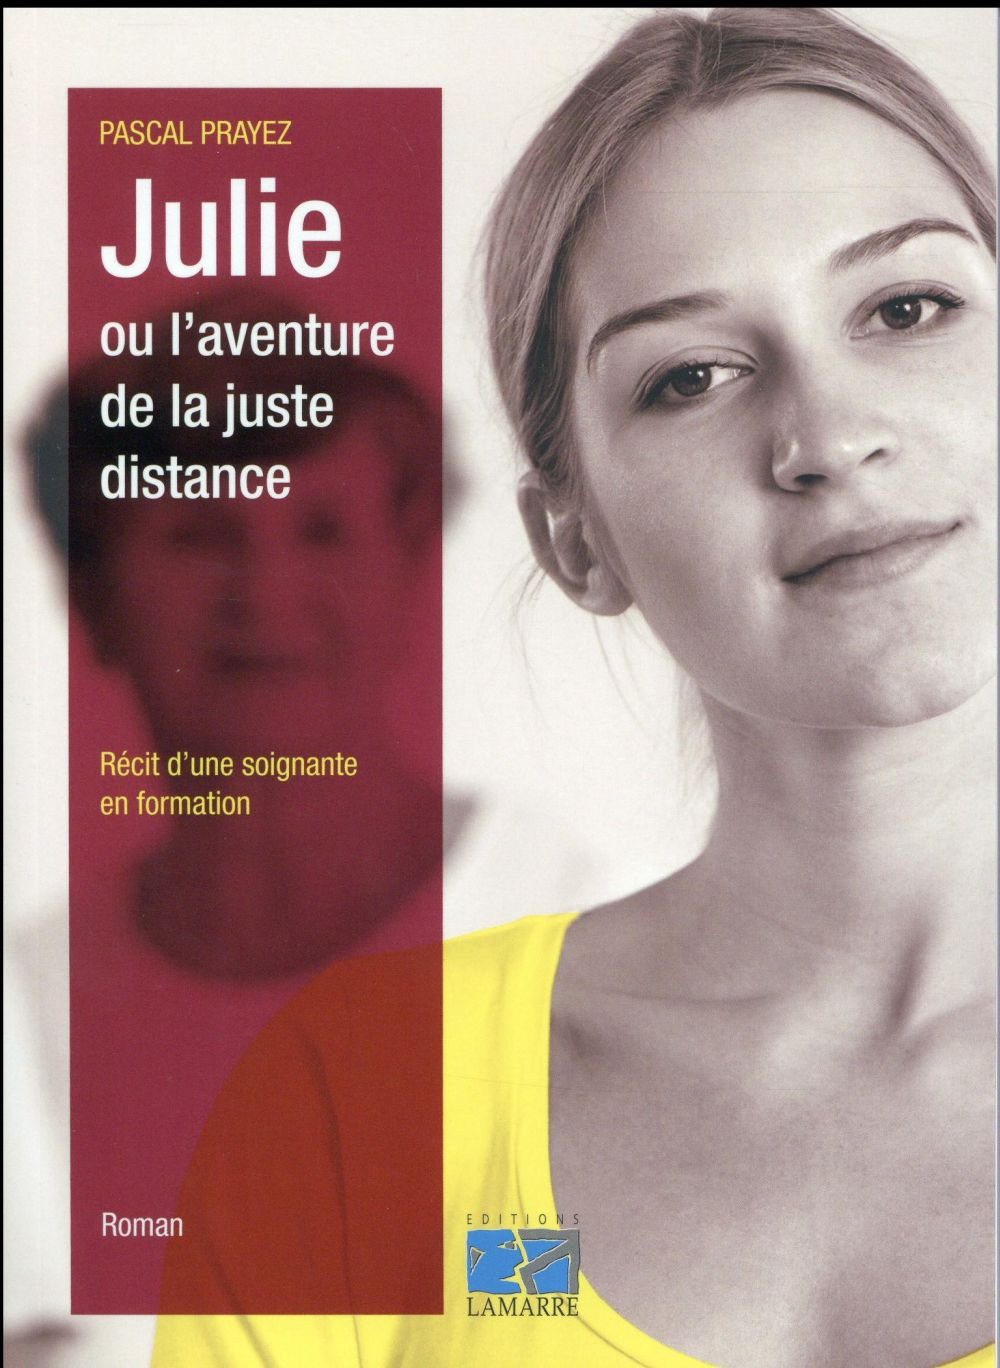 JULIE OU L AVENTURE DE LA JUSTE DISTANCE  RECIT D UNE SOIGNANTE EN FORMATION - RECIT D'UNE SOIGNANTE